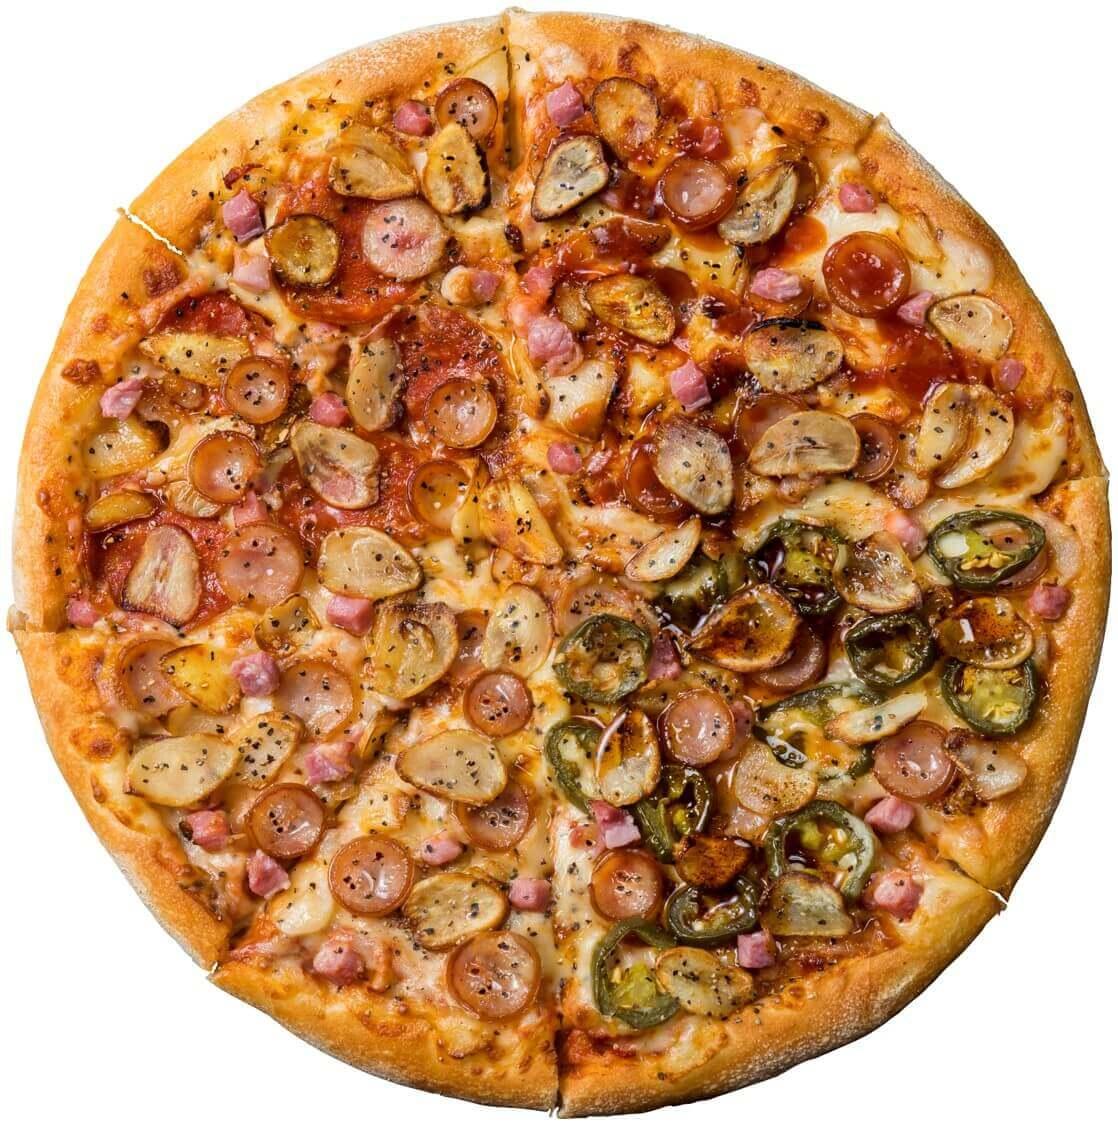 ドミノ・ピザの『ハロウィンチャレンジ・クワトロ』